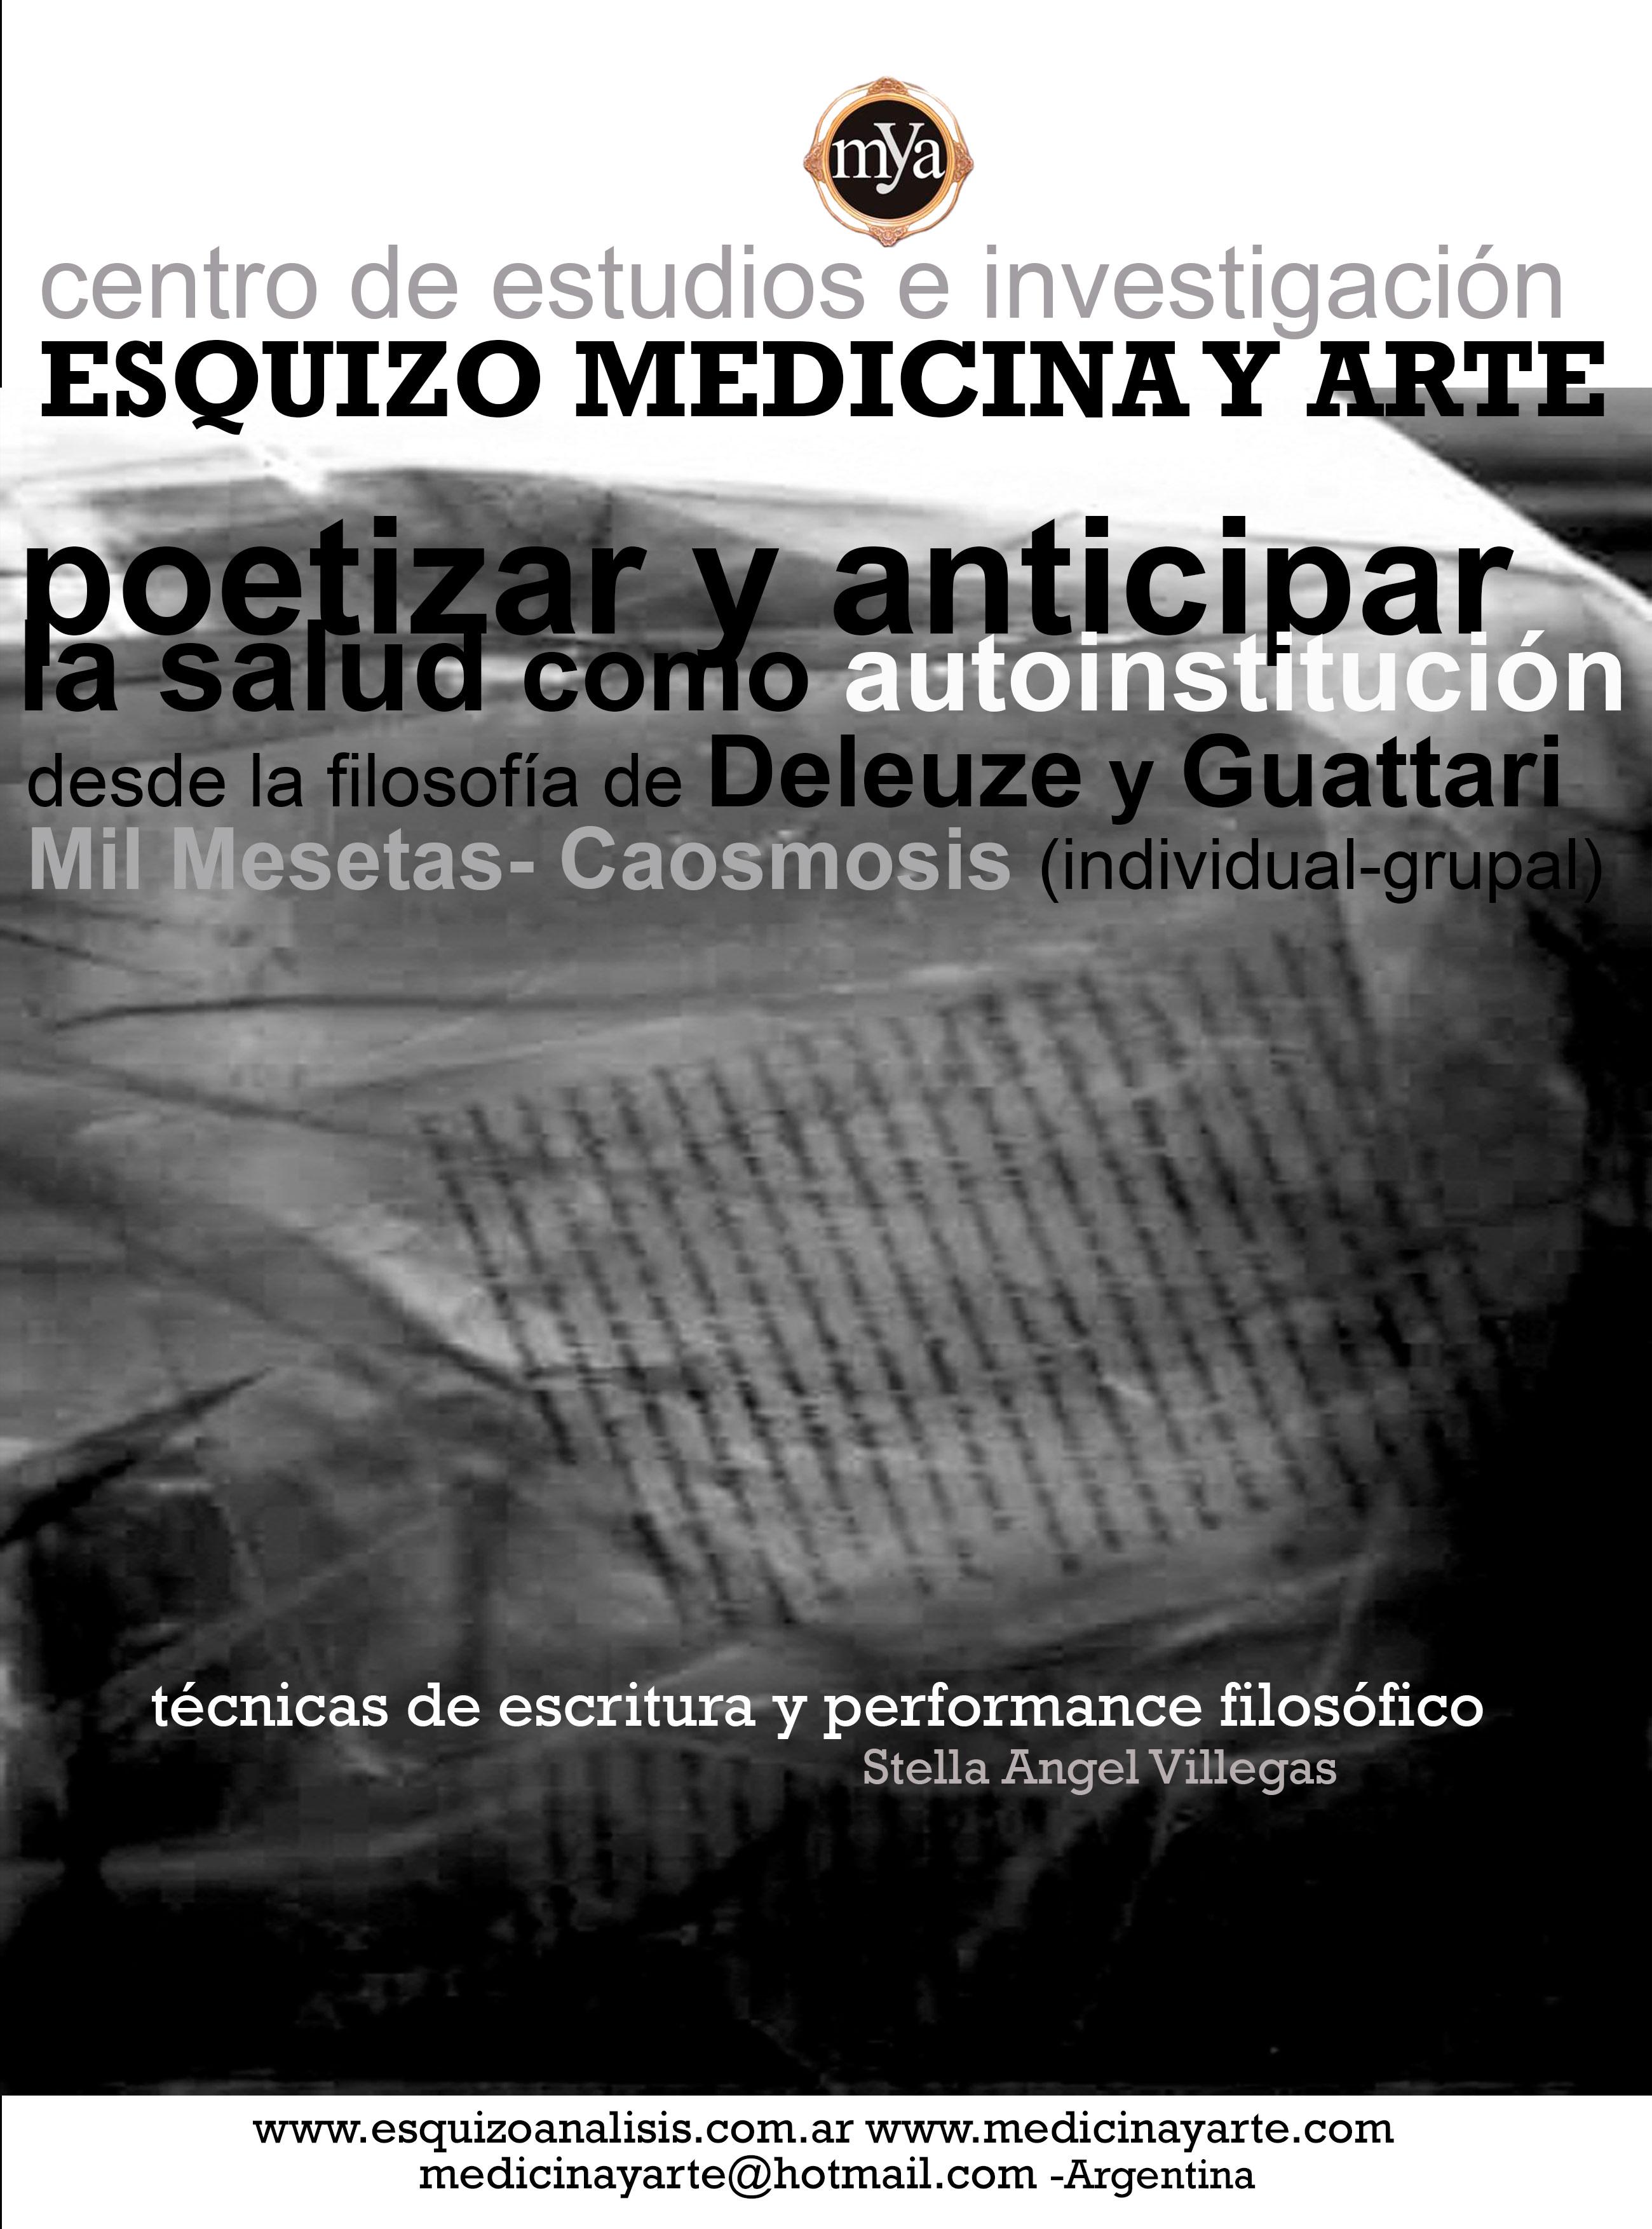 http://medicinayarte.com/img/afiche%20esquizo-medicina-y-arte.jpg